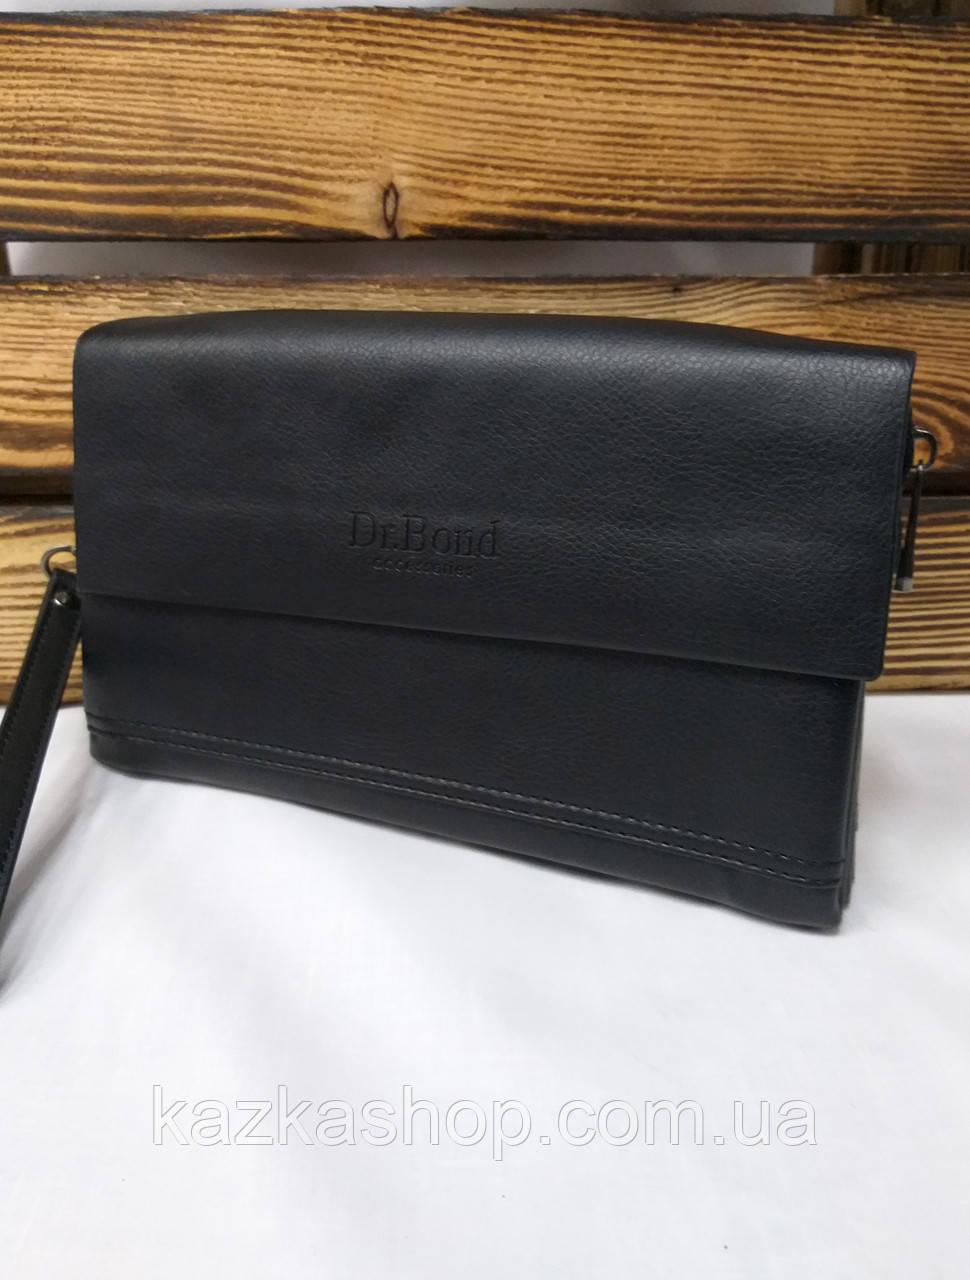 Мужской клатч черного цвета с клапаном, на три отдела с кожаным клапаном